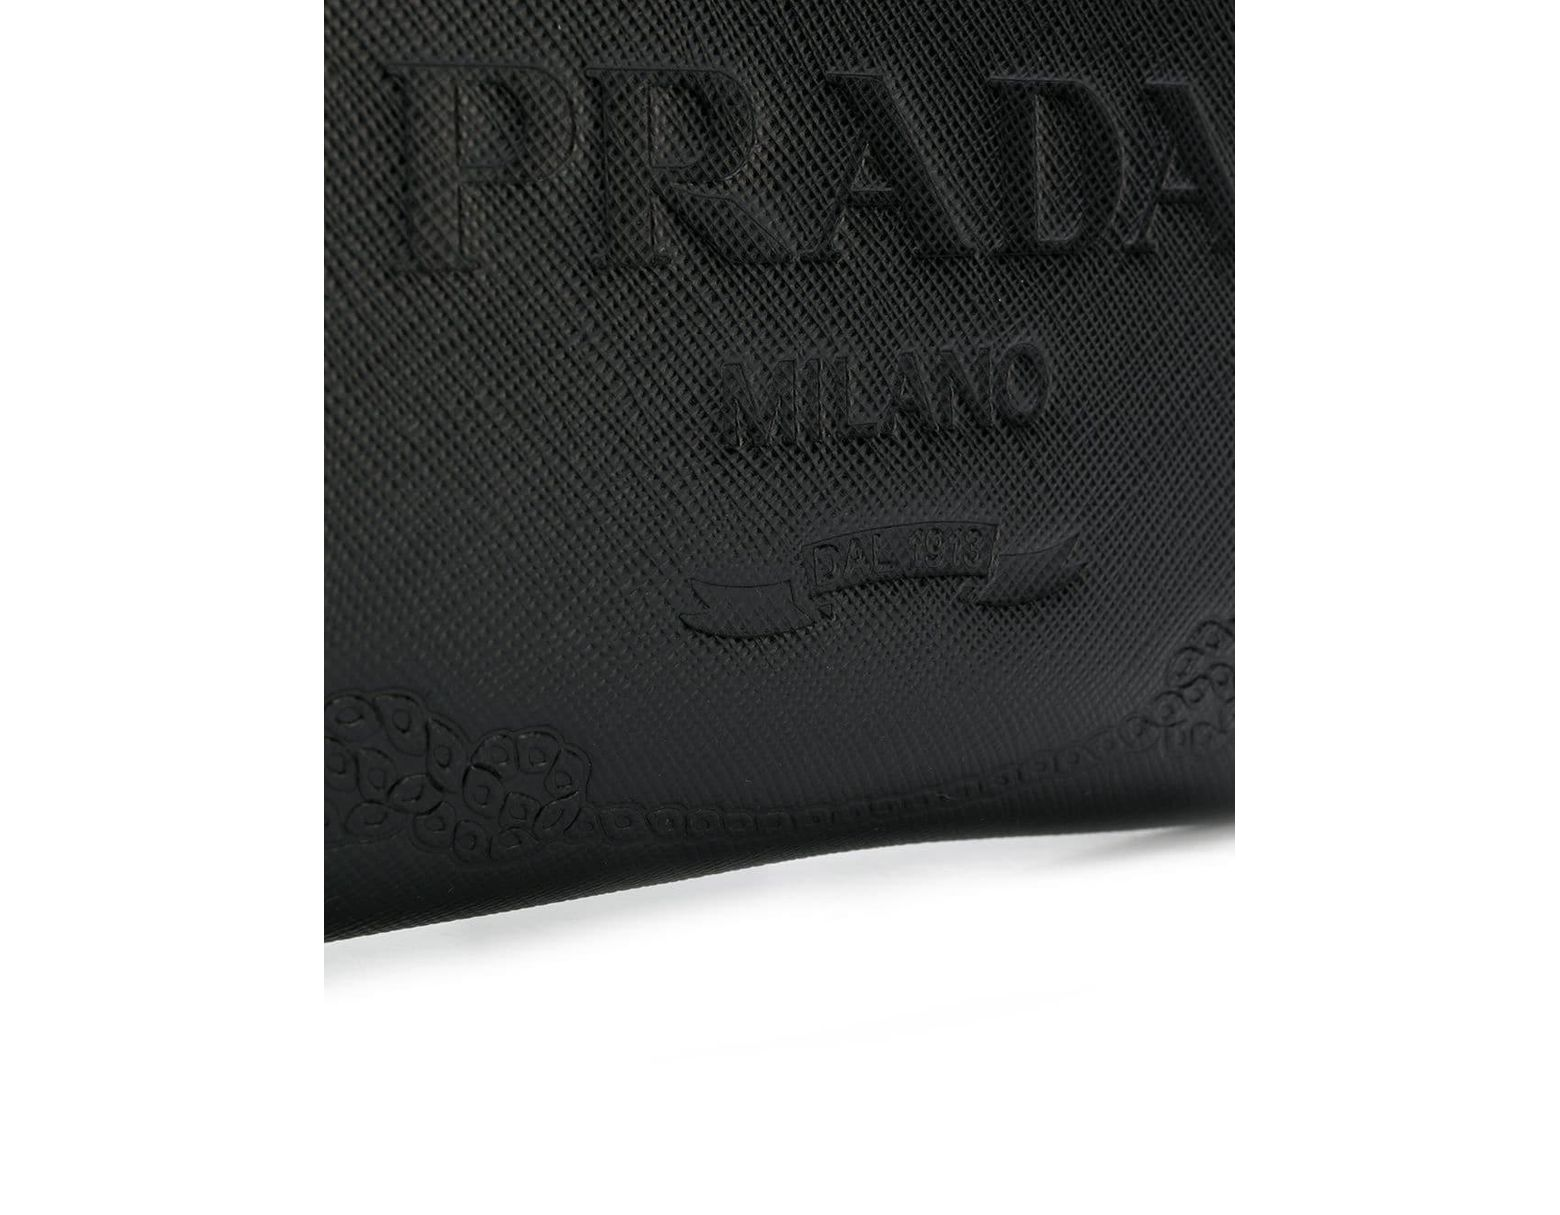 Lyst À Documents Porte Plaque Logo Homme Coloris Noir Prada Pour En trChQxsd